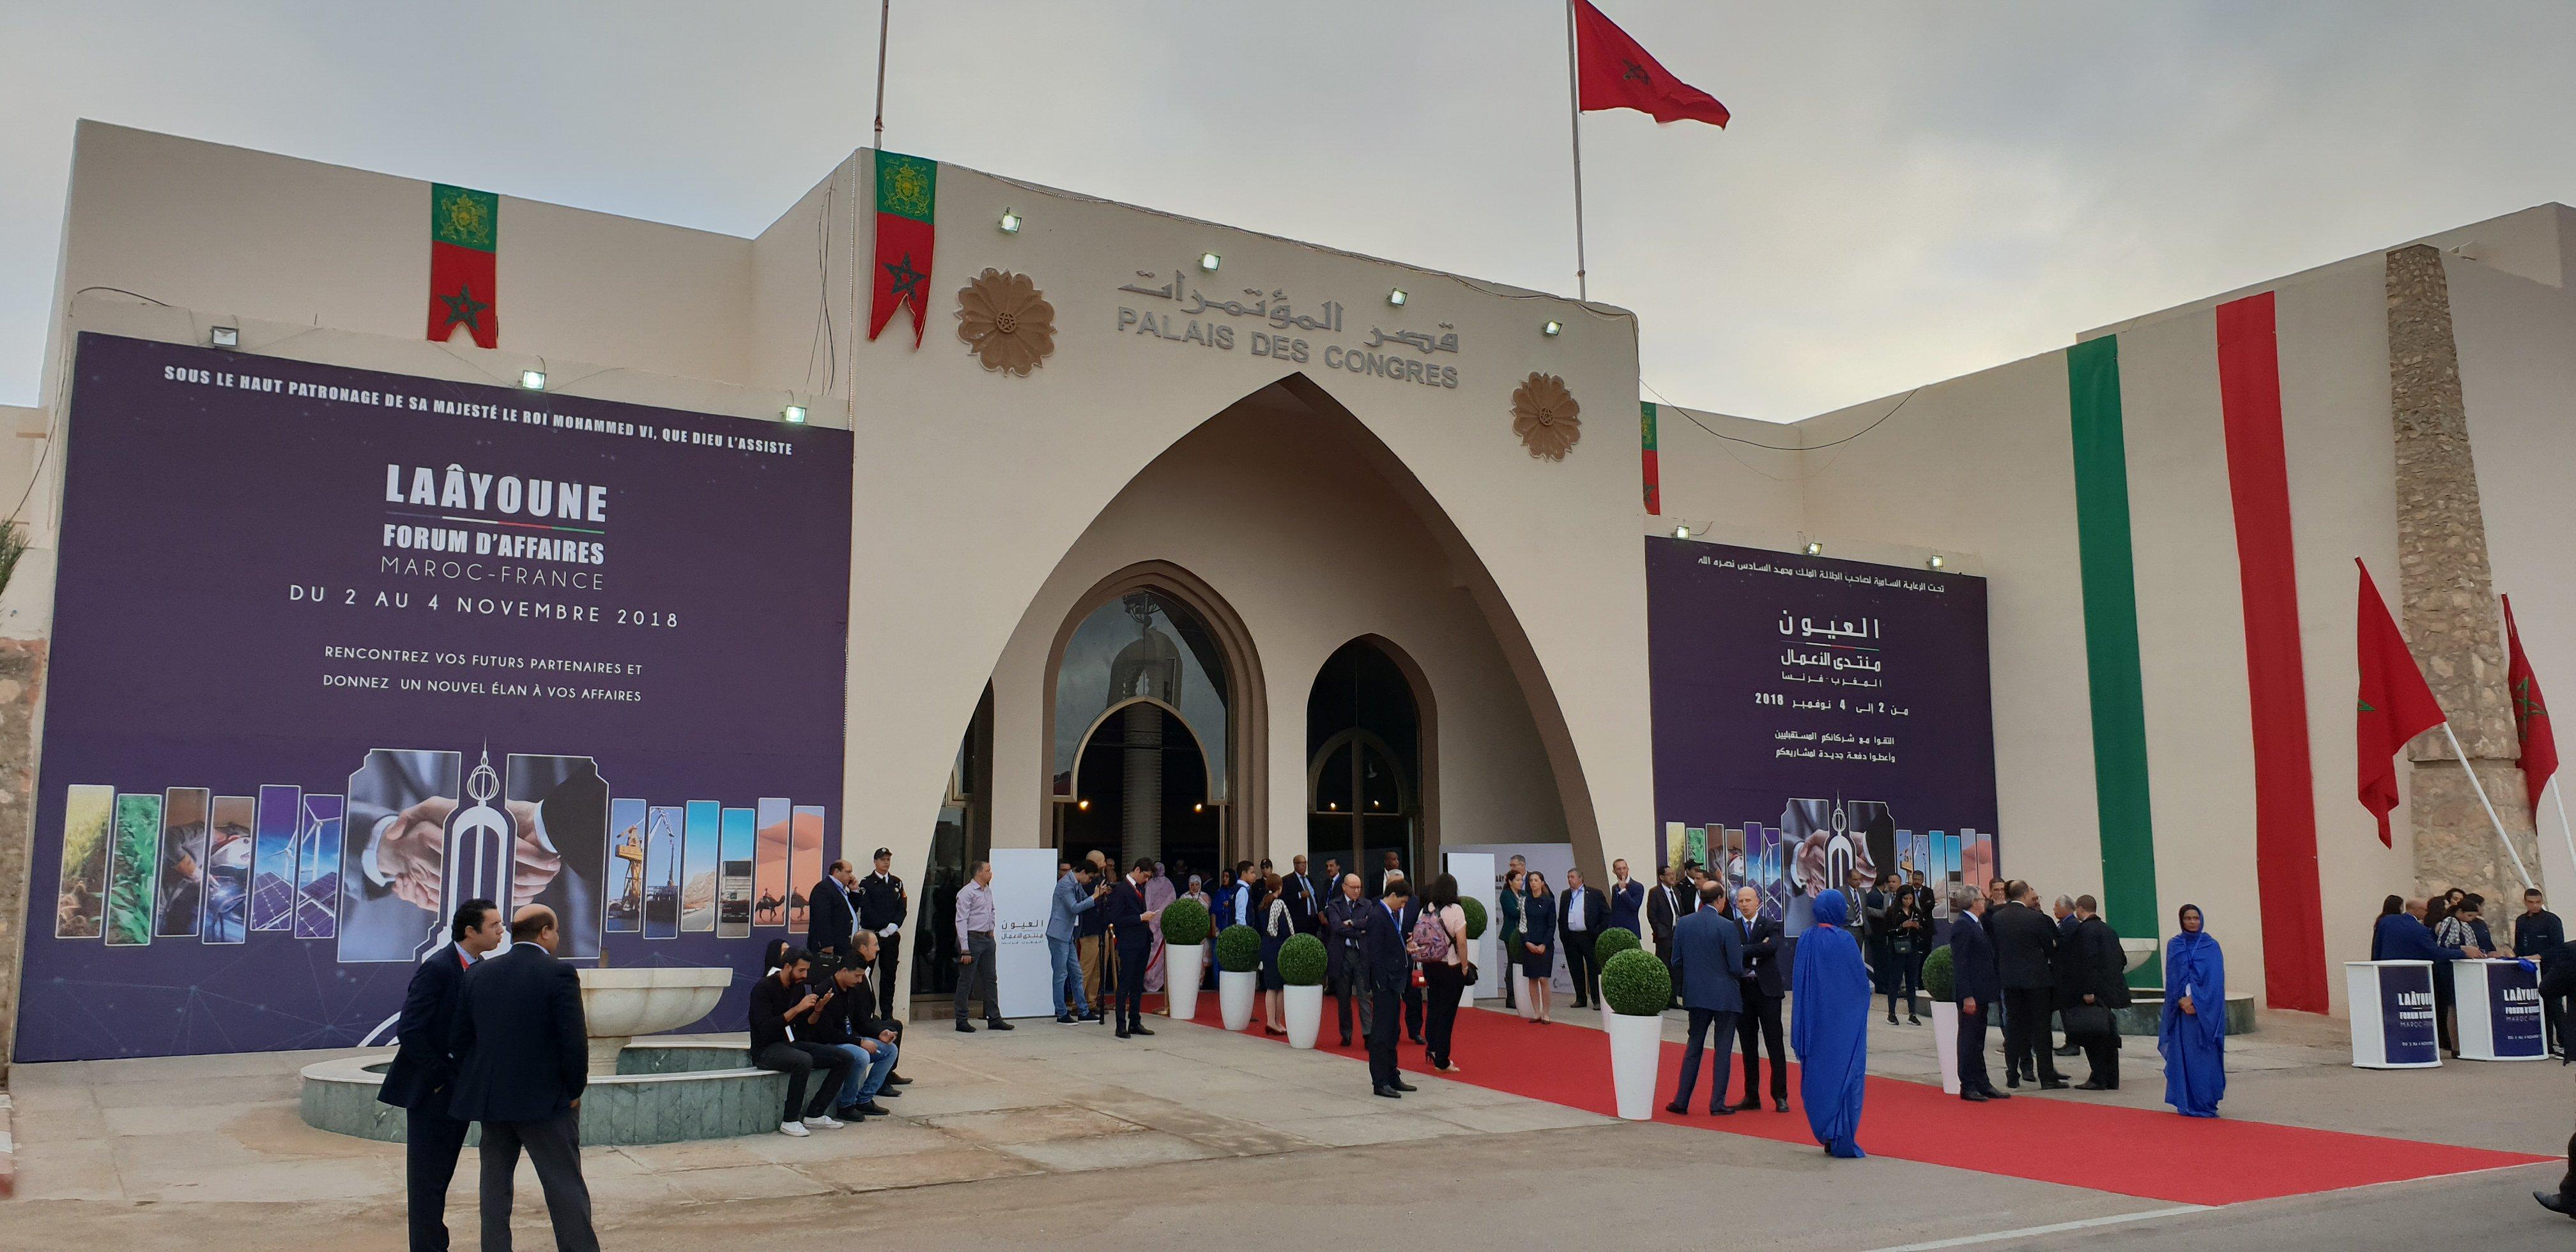 Forum d'affaires Maroc-France : Un parc industriel de 40 ha à Laâyoune